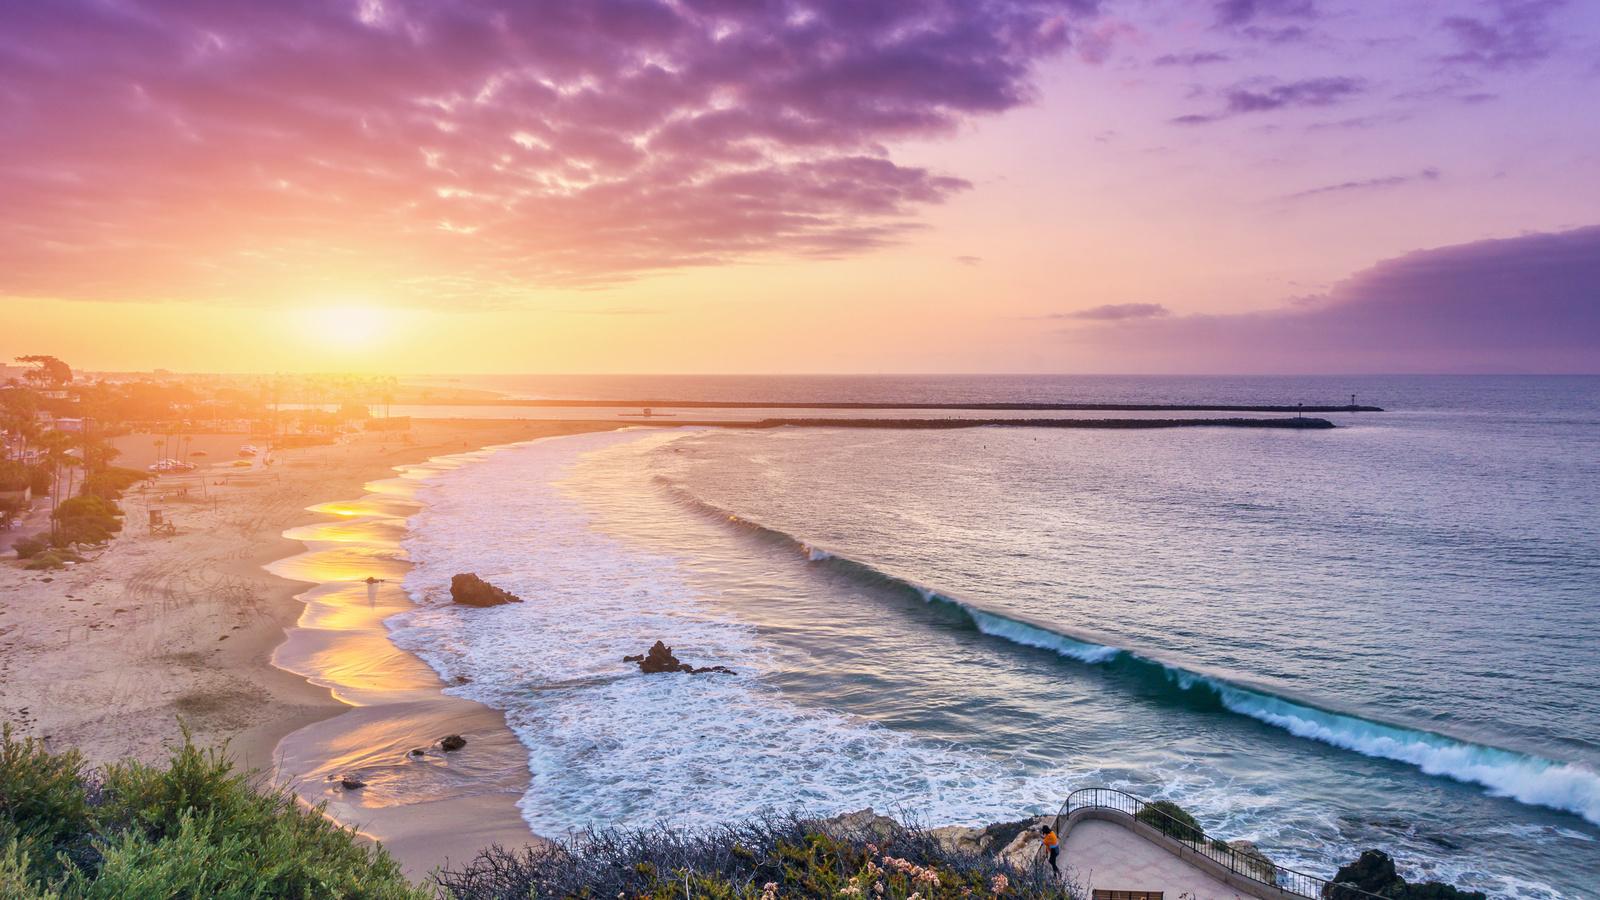 Corona del Mar Newport Beach (1600x900)